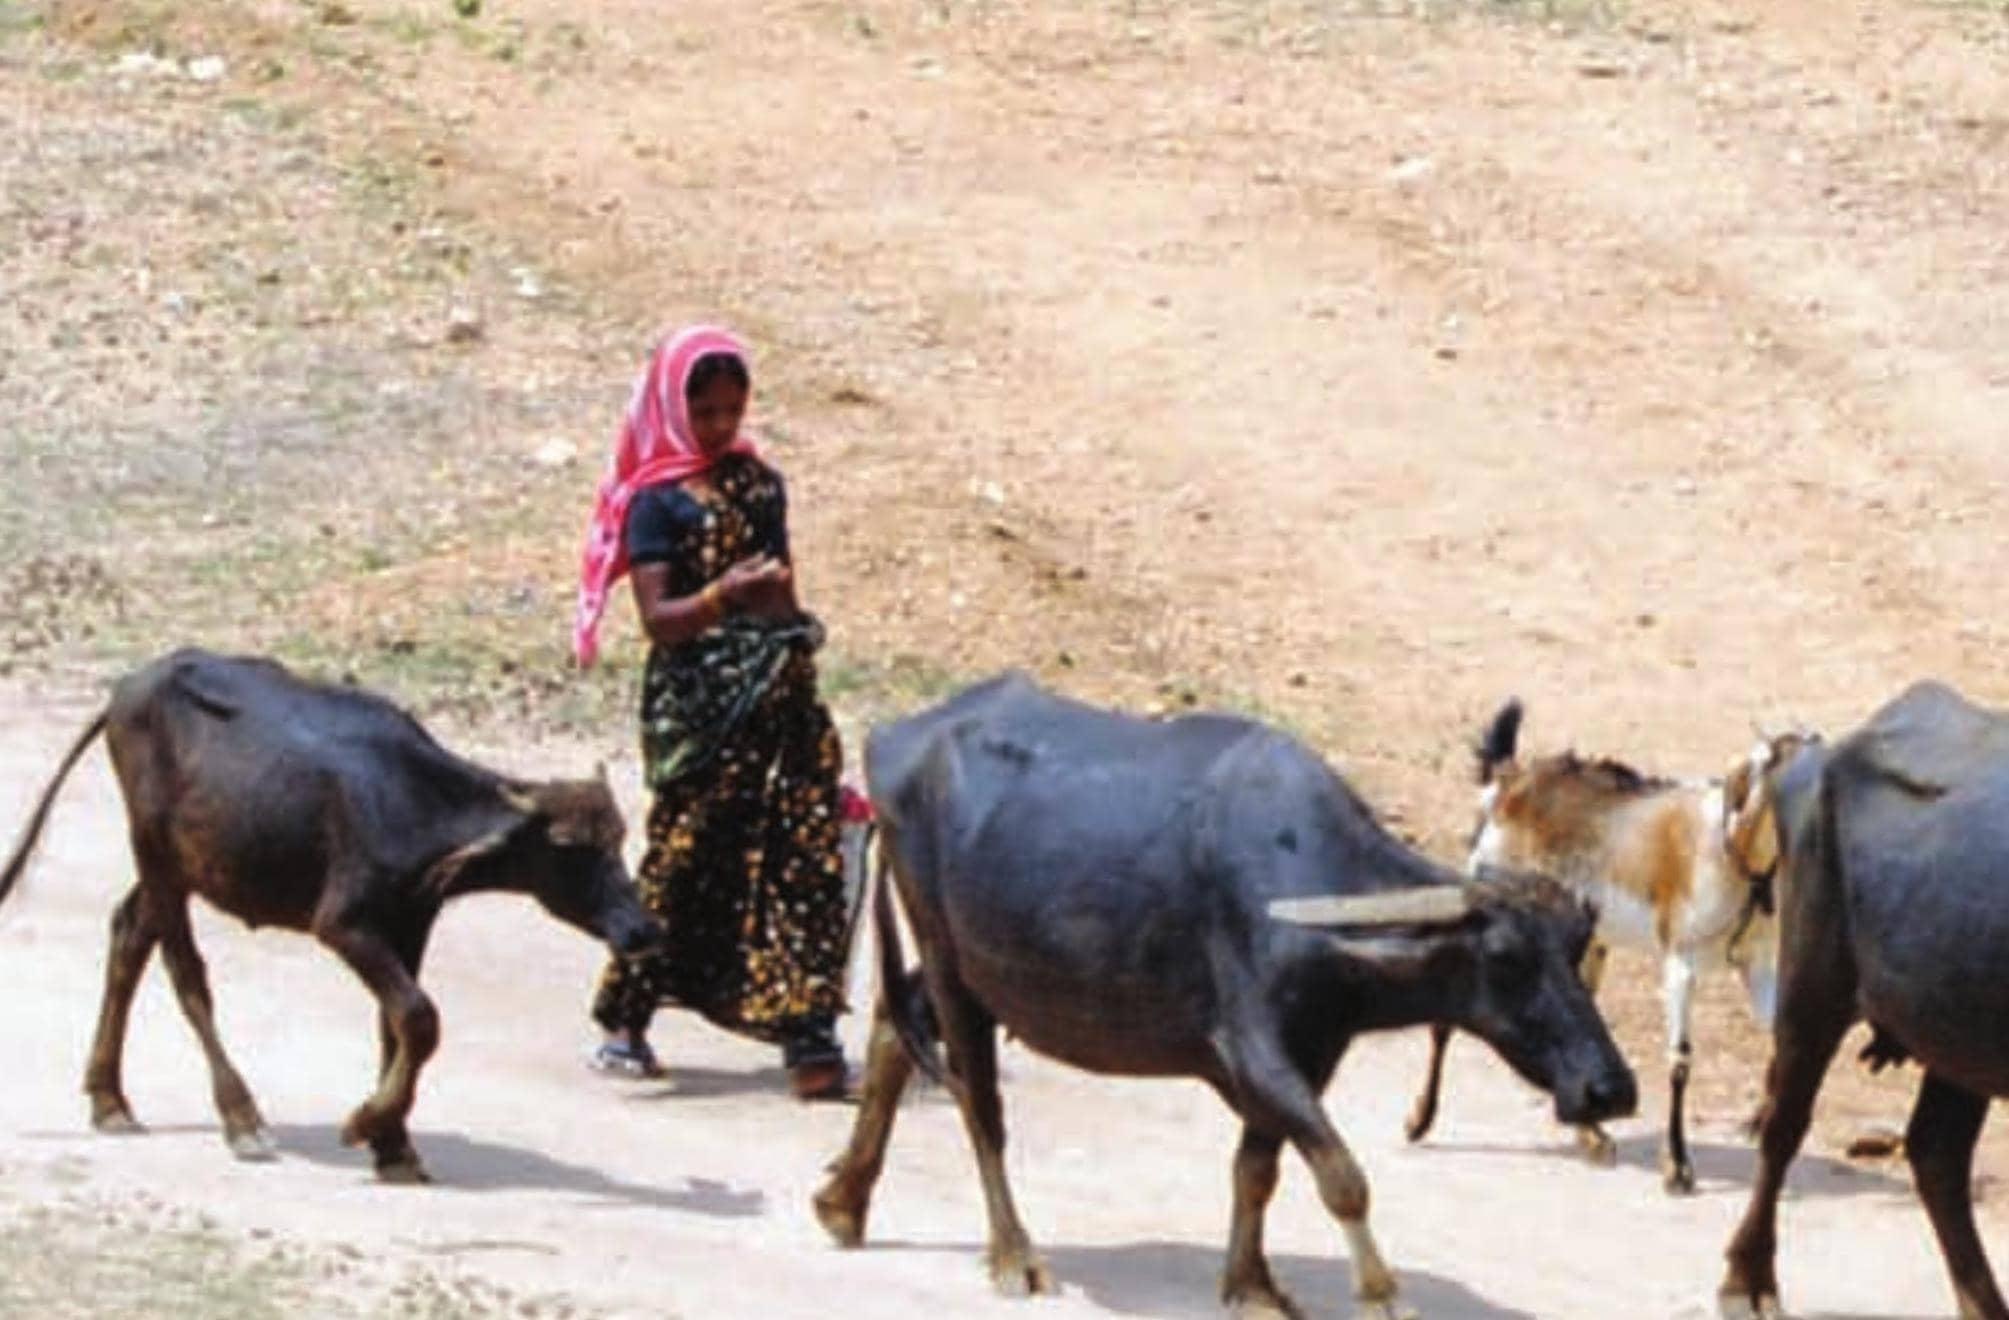 लौकडाउन में पशुओं की देखभाल